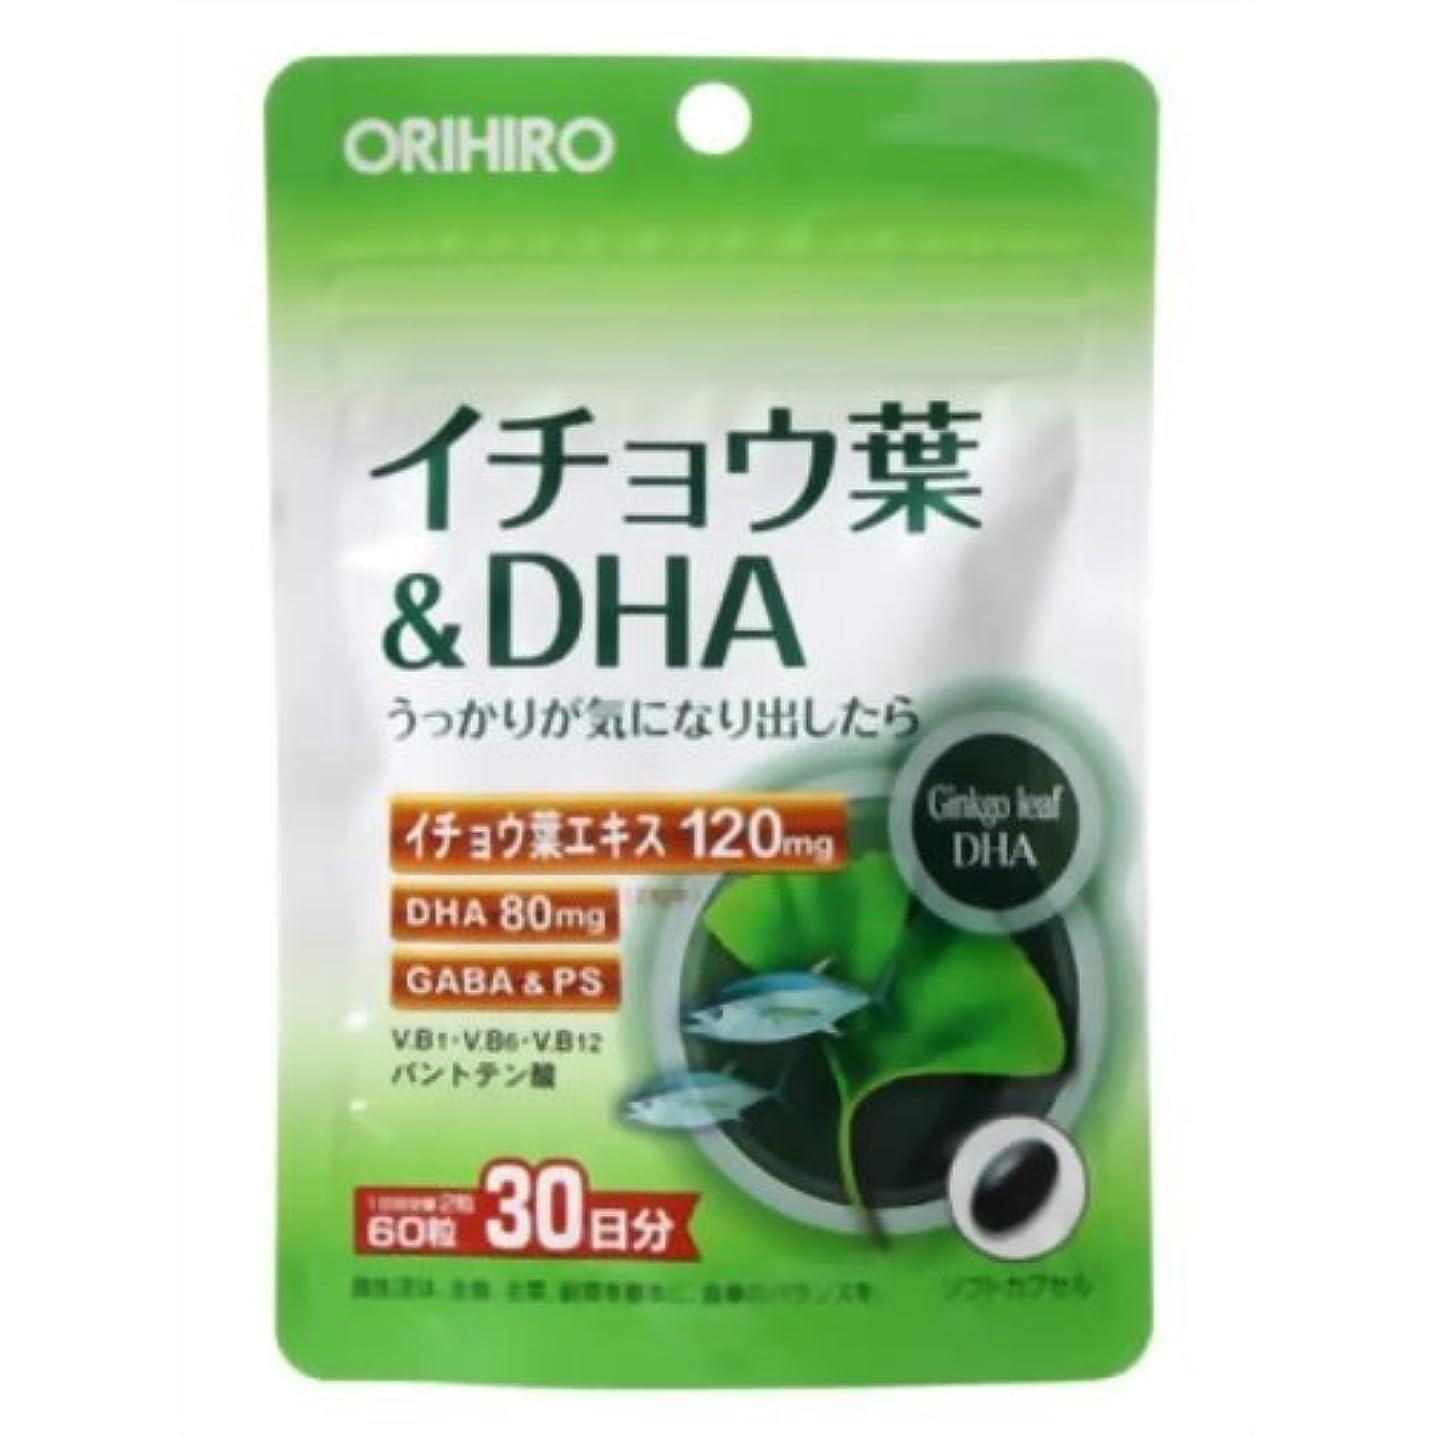 トランスミッションキャプテンブライ志すオリヒロ イチョウ葉&DHA 60粒